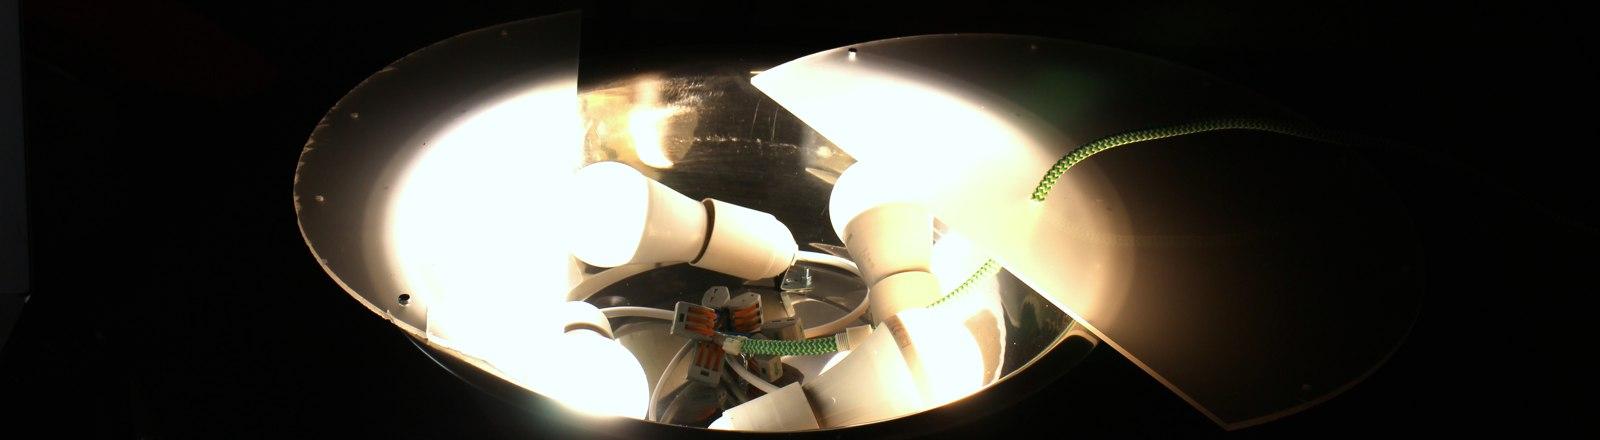 DIY-LED-Deckenleuchte aus einer Salatschüssel basteln.